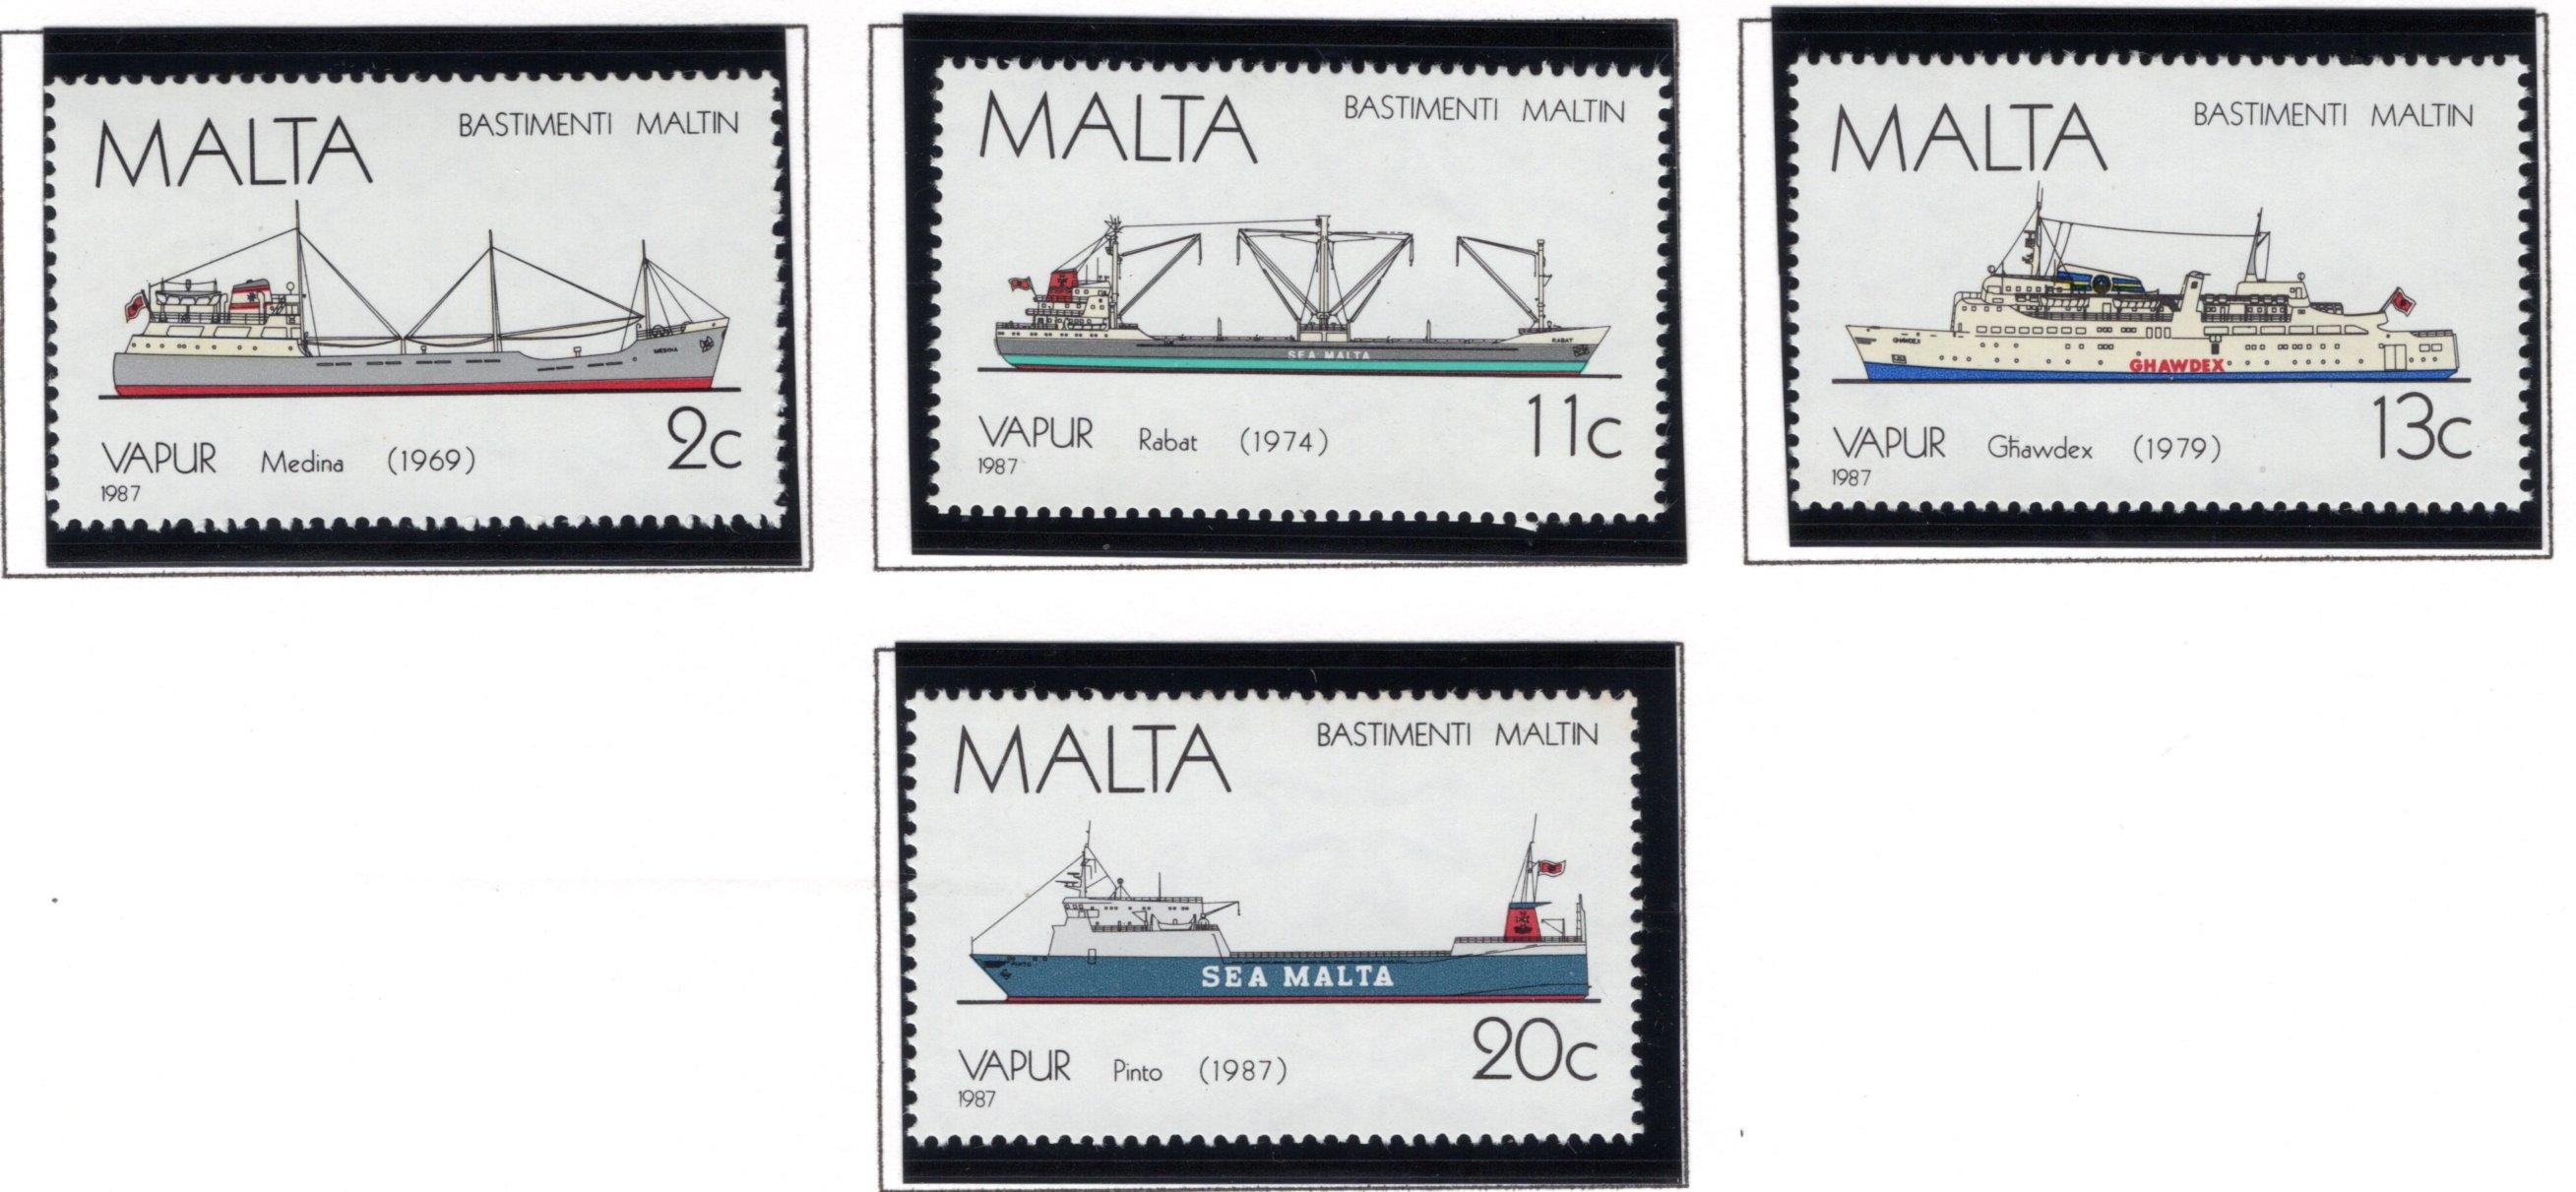 703-706 Malta, Ship Types Stamp Set, 1987, MNHOG